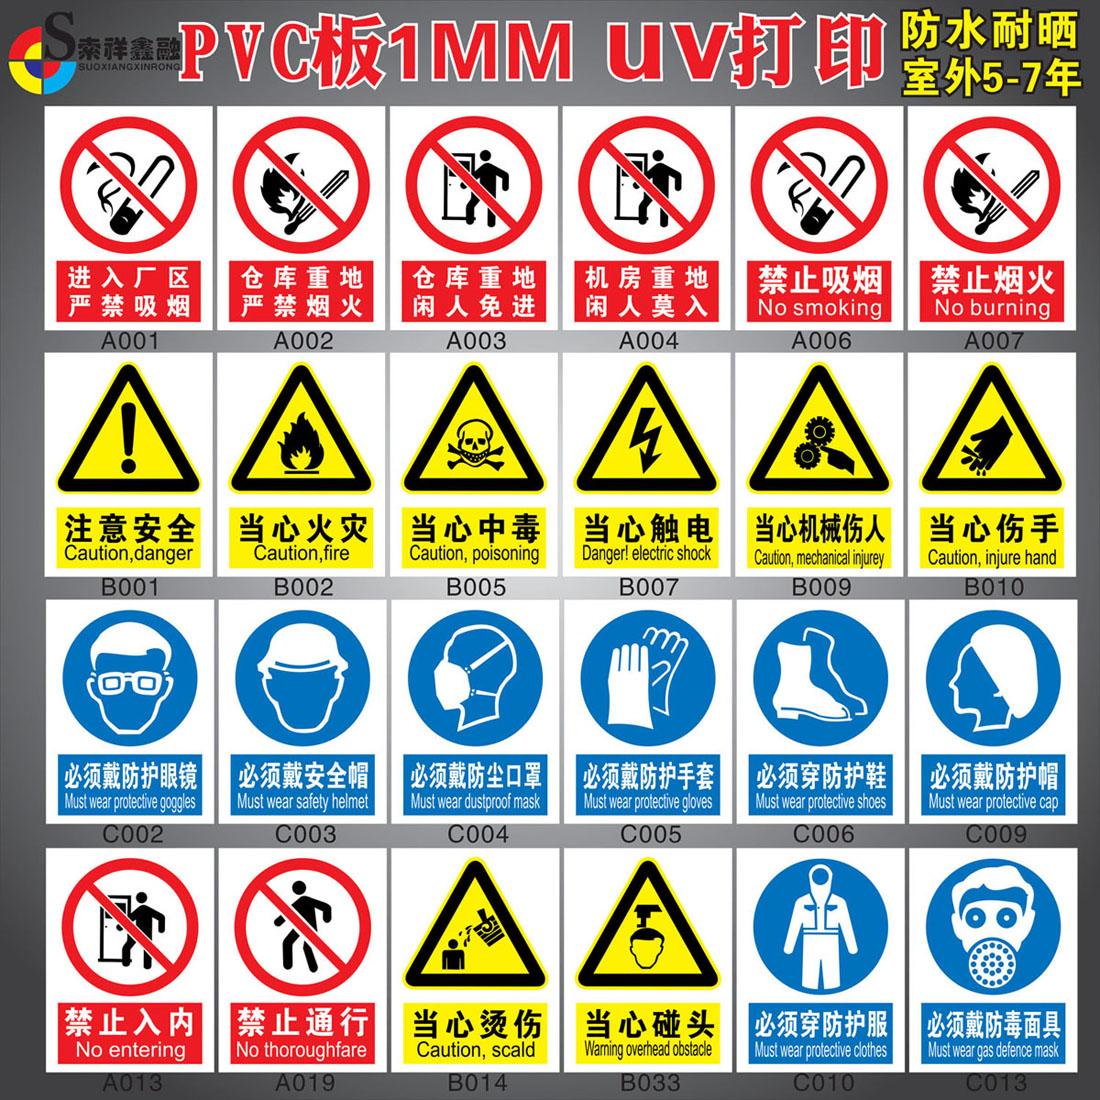 安全警示牌 禁止吸烟标志提示牌 仓库车间指示牌严禁烟火有电危险当心触电小心碰头标识贴PVC板UV打印 可定制